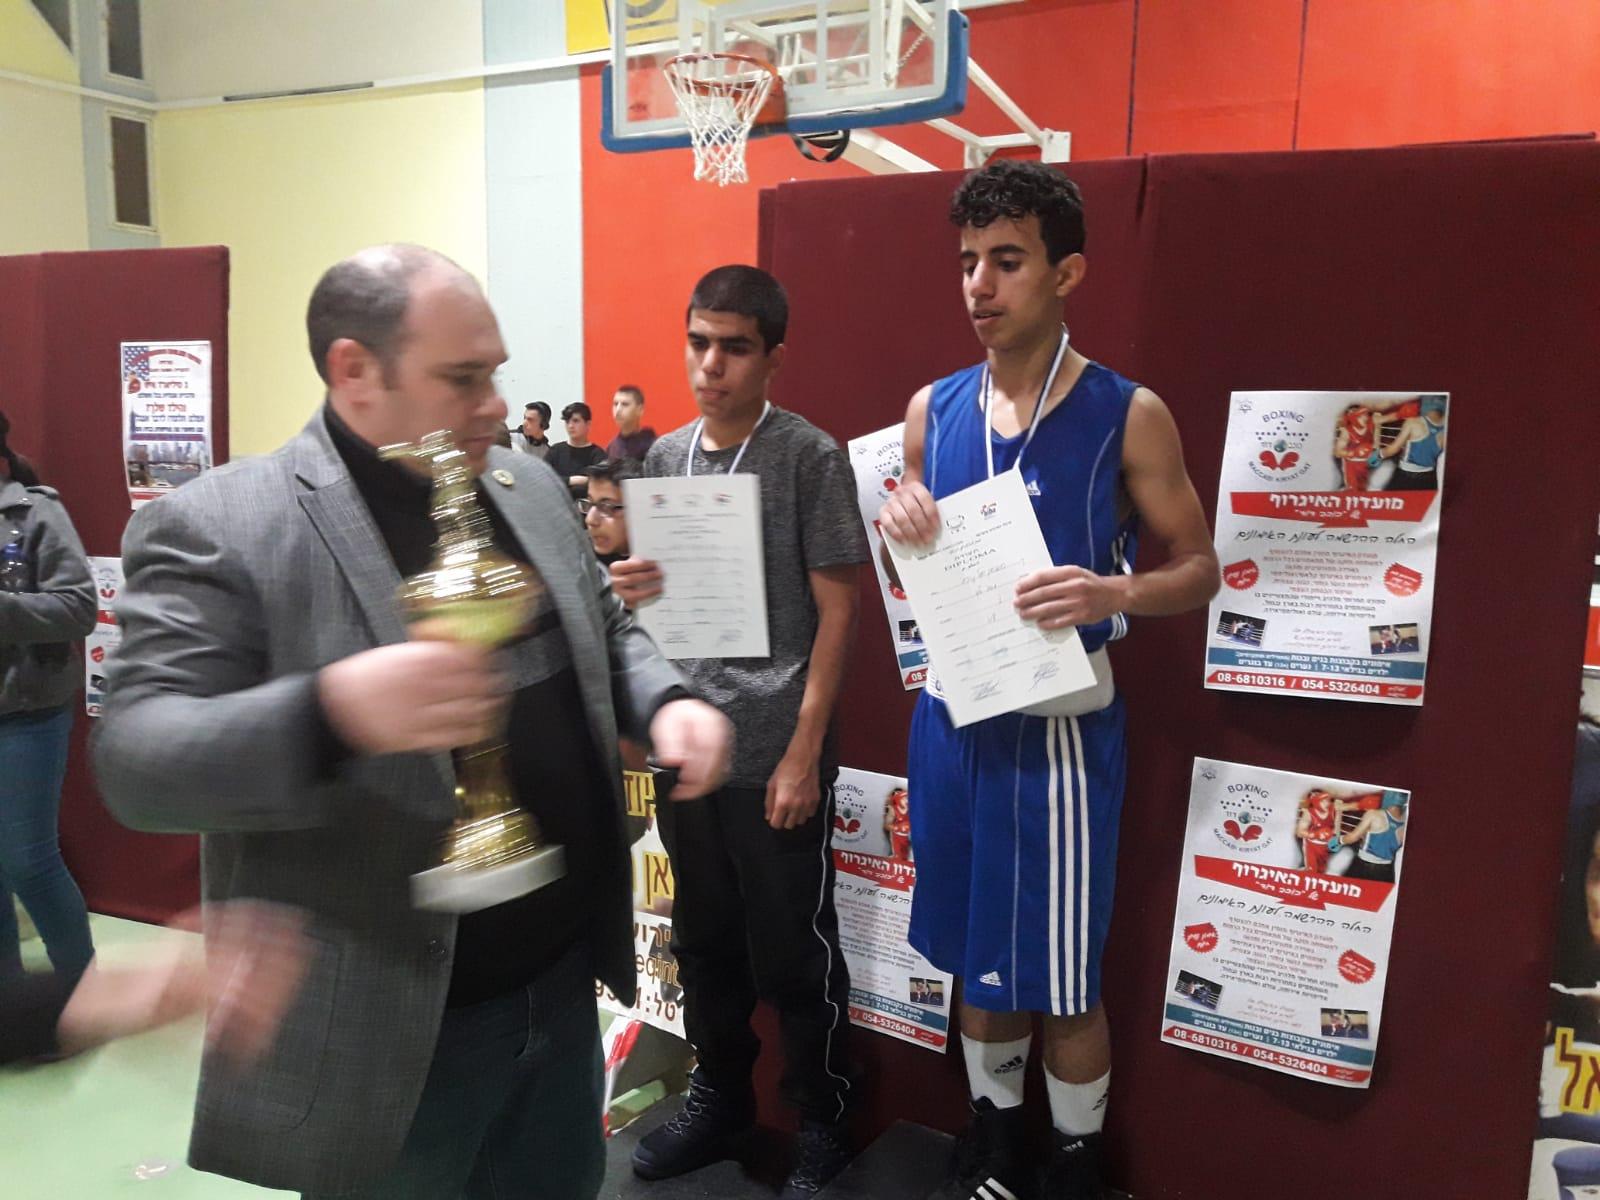 كريات غات : انجاز كبير شباب اللد في بطولة الدولة للملاكمة